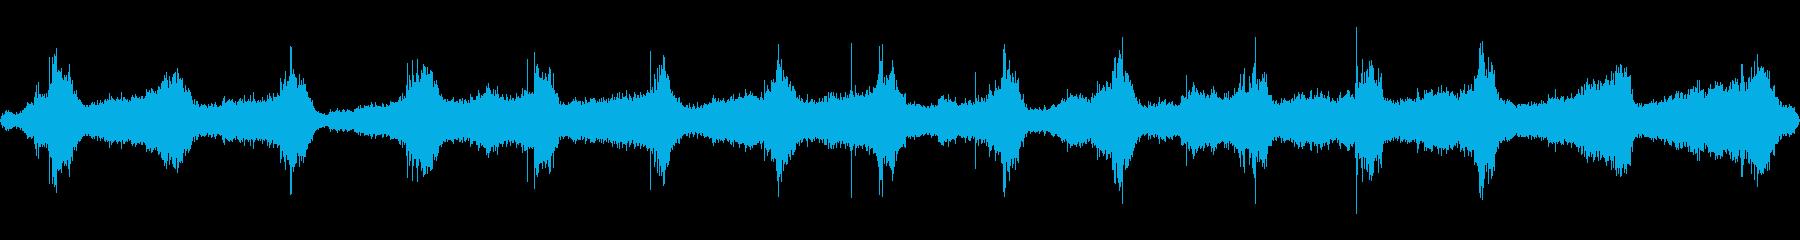 嵐の海の音の再生済みの波形